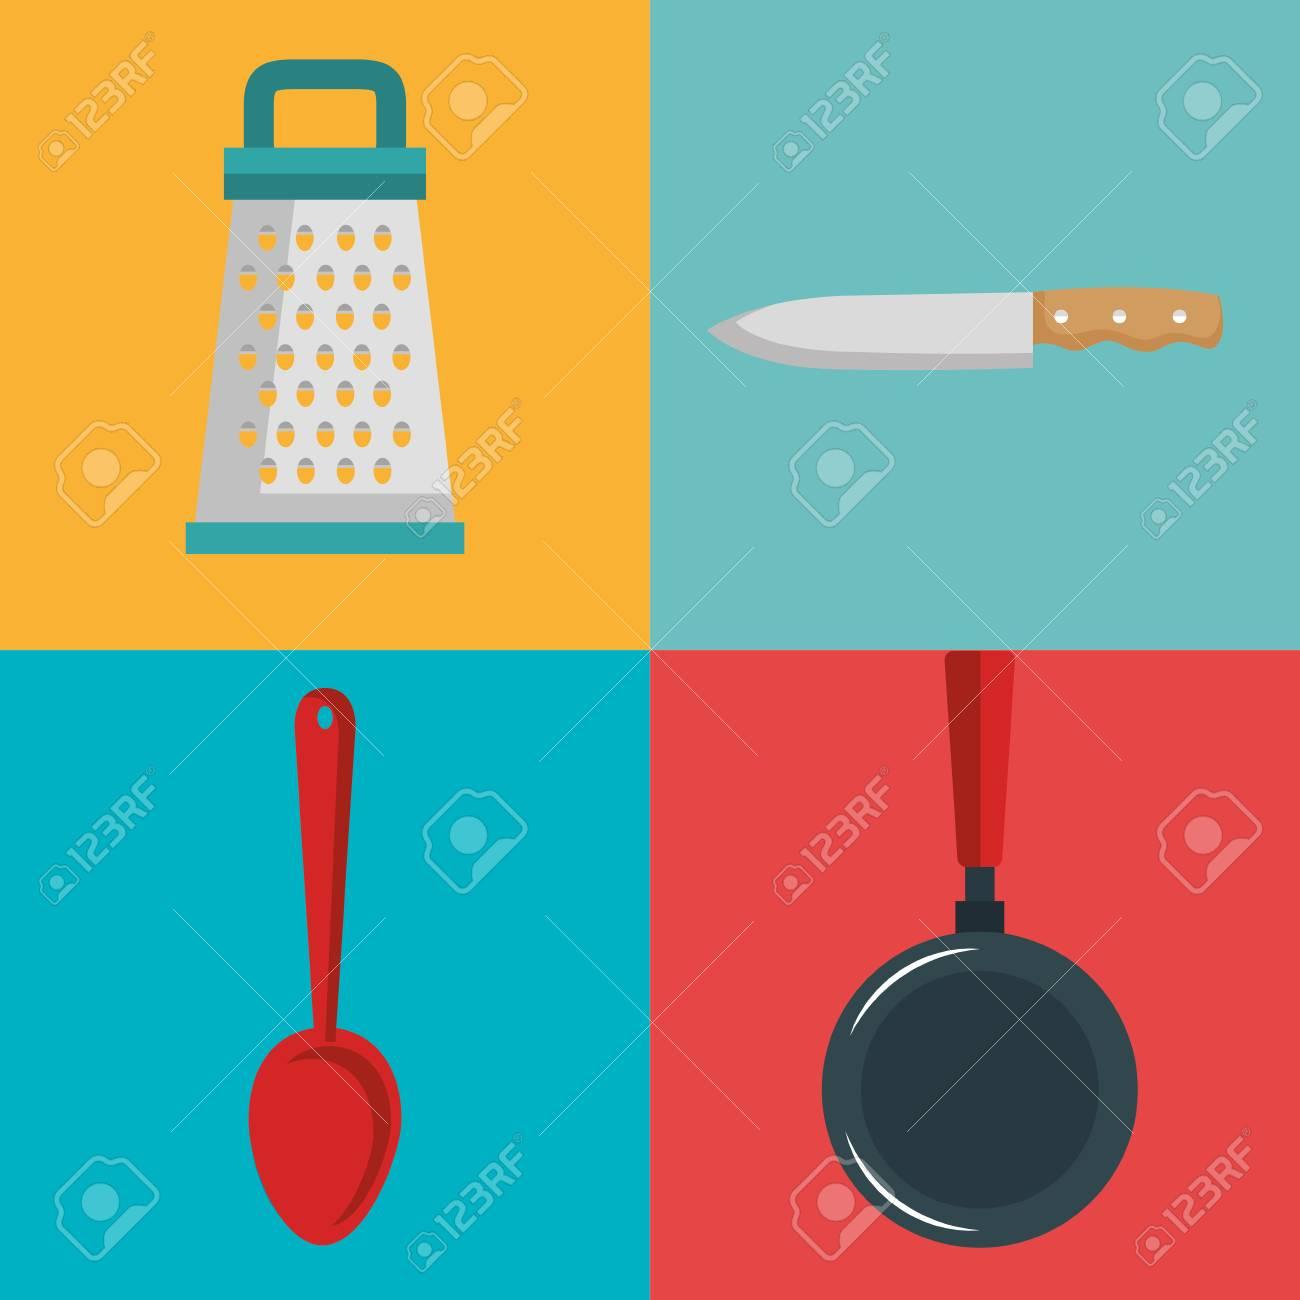 Utensilios De Cocina Diseño Sobre Fondo Colorido Ilustración ...